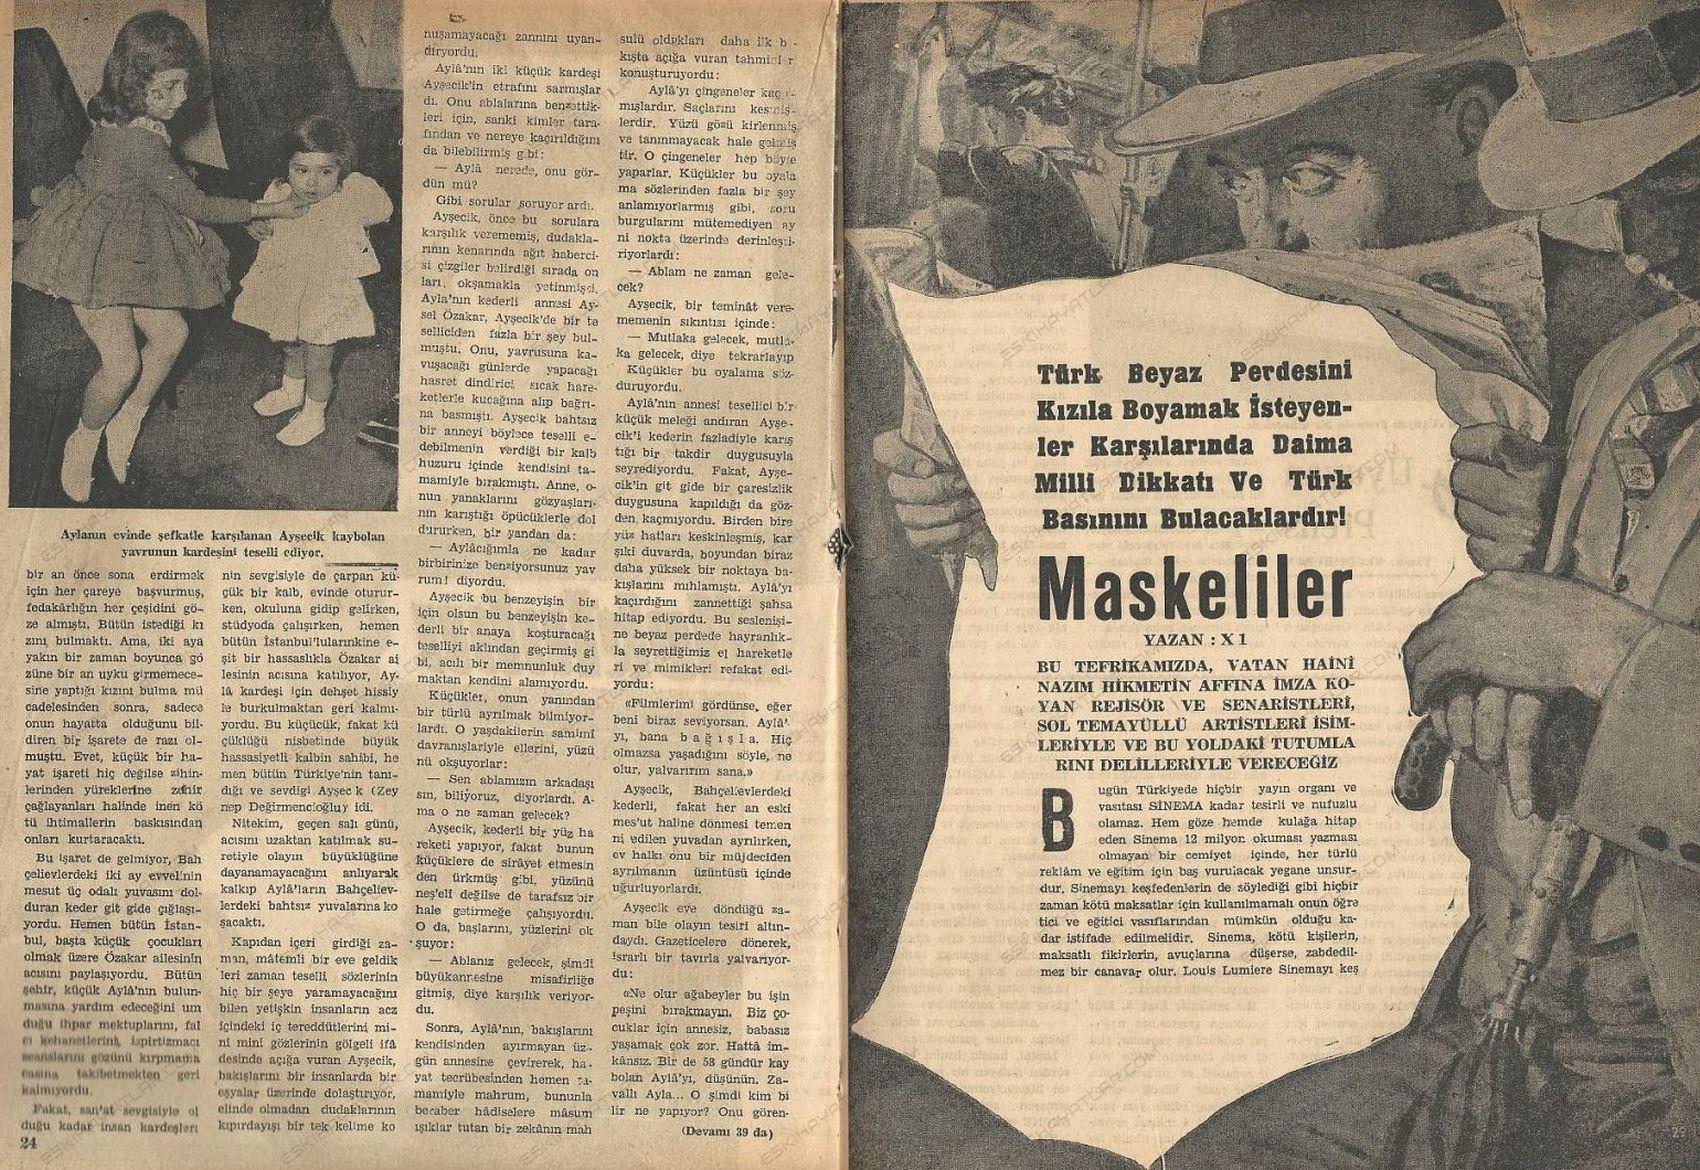 0219-aysecik-zeynep-degirmencioglu-fotograflari-1961-artist-dergisi-kayip-kiz-leyla (6)